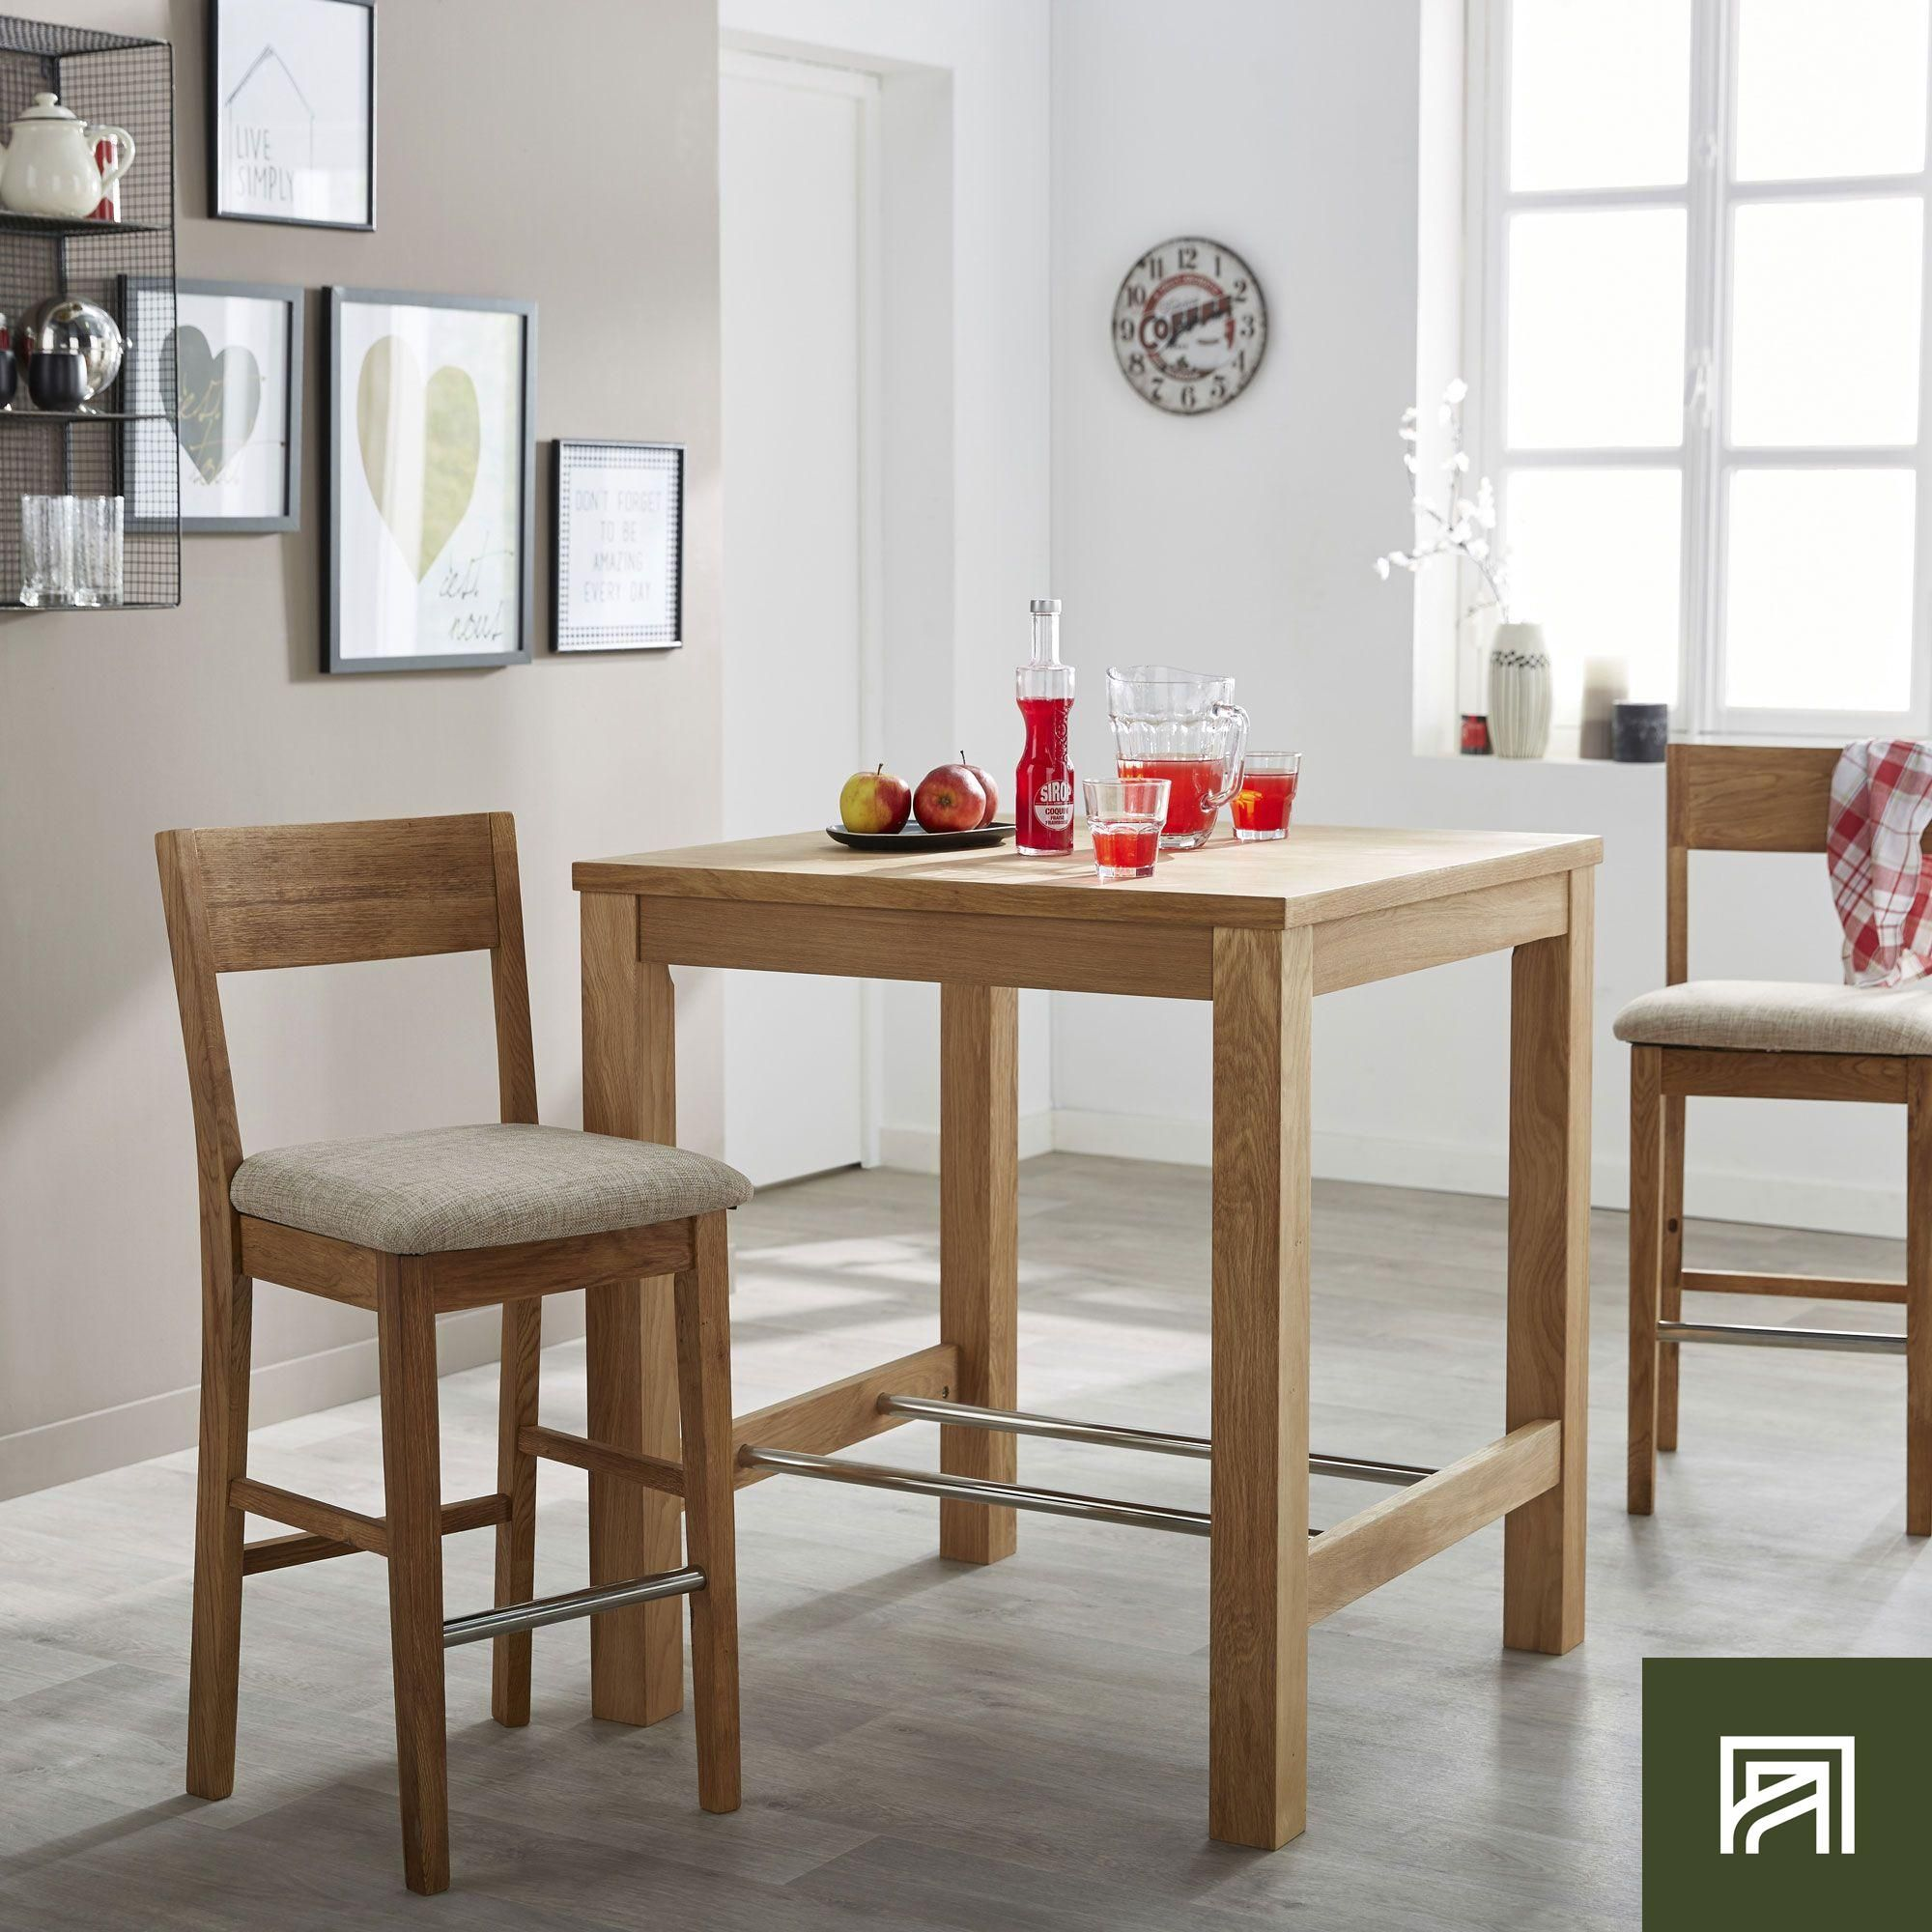 Alinea Bonnie Table De Repas Haute Carree 80x80cm Bar Alinea Decoration Table Inspiration Meubles E Table Repas Table Basse Rangement Salle A Manger